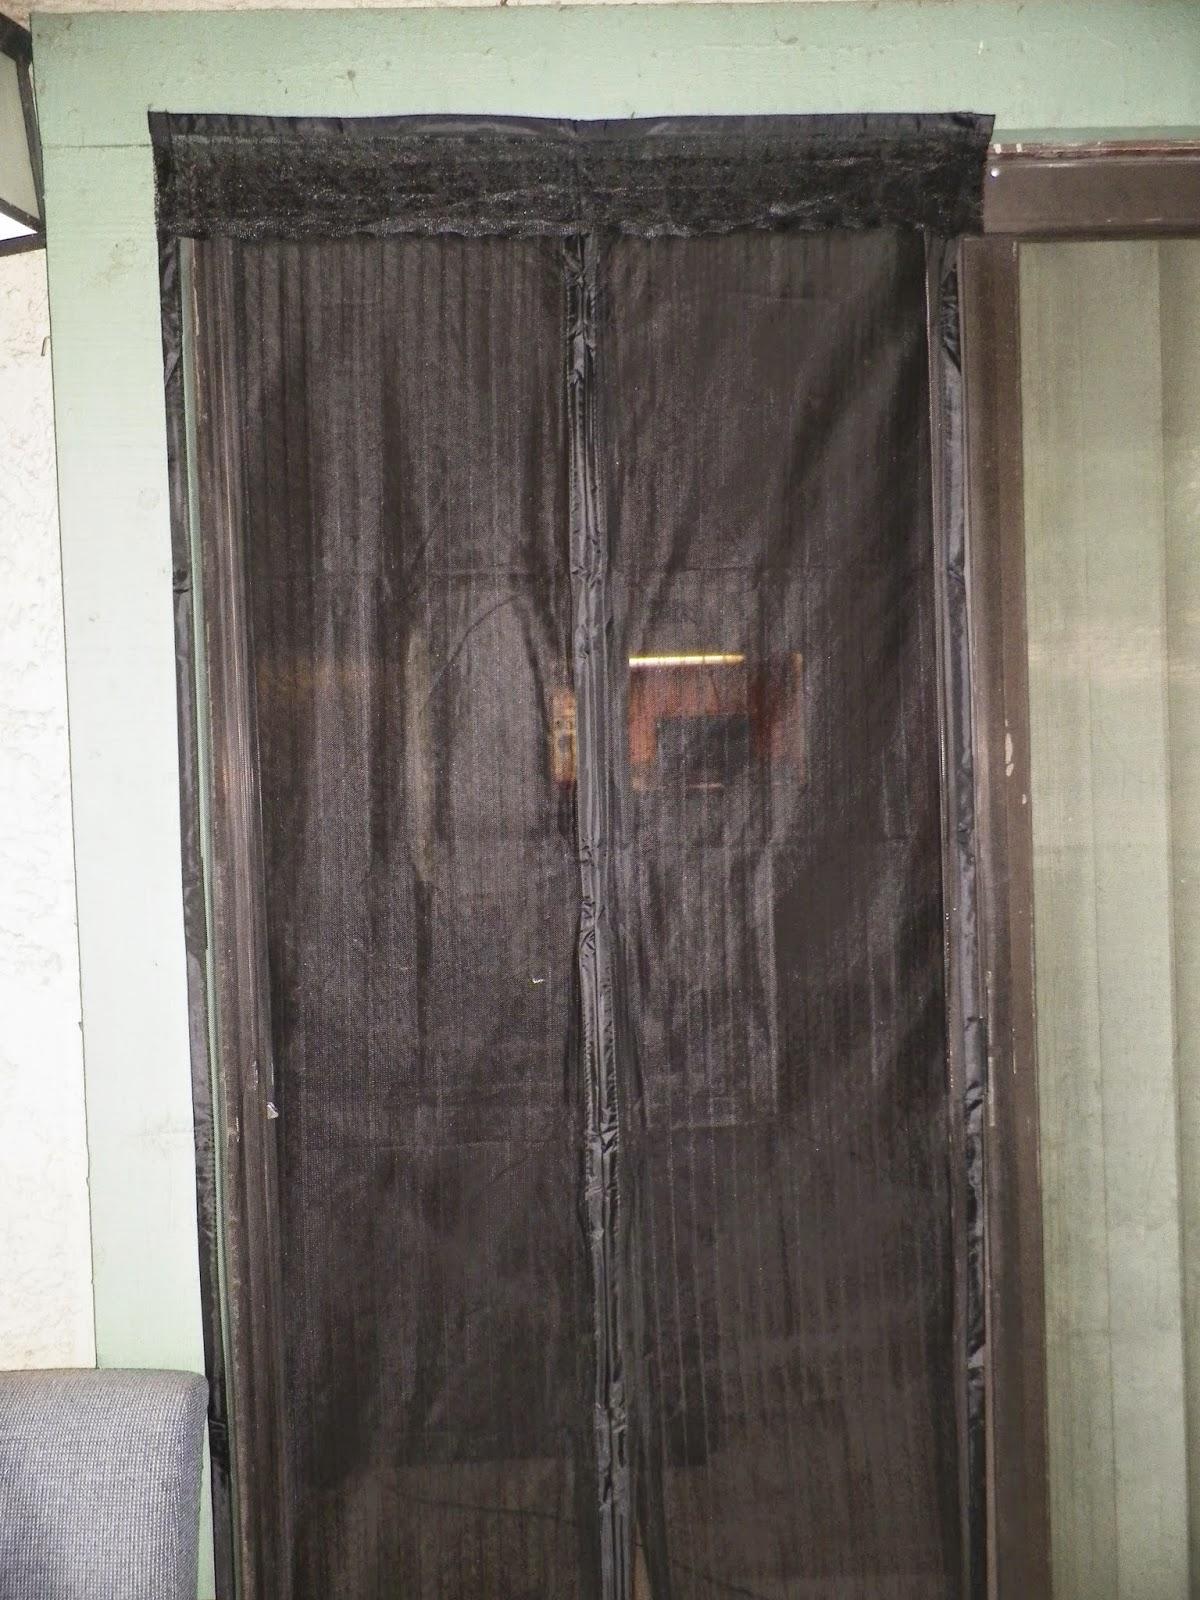 Magnetic Screen Door : Mygreatfinds mag magnetic screen door review